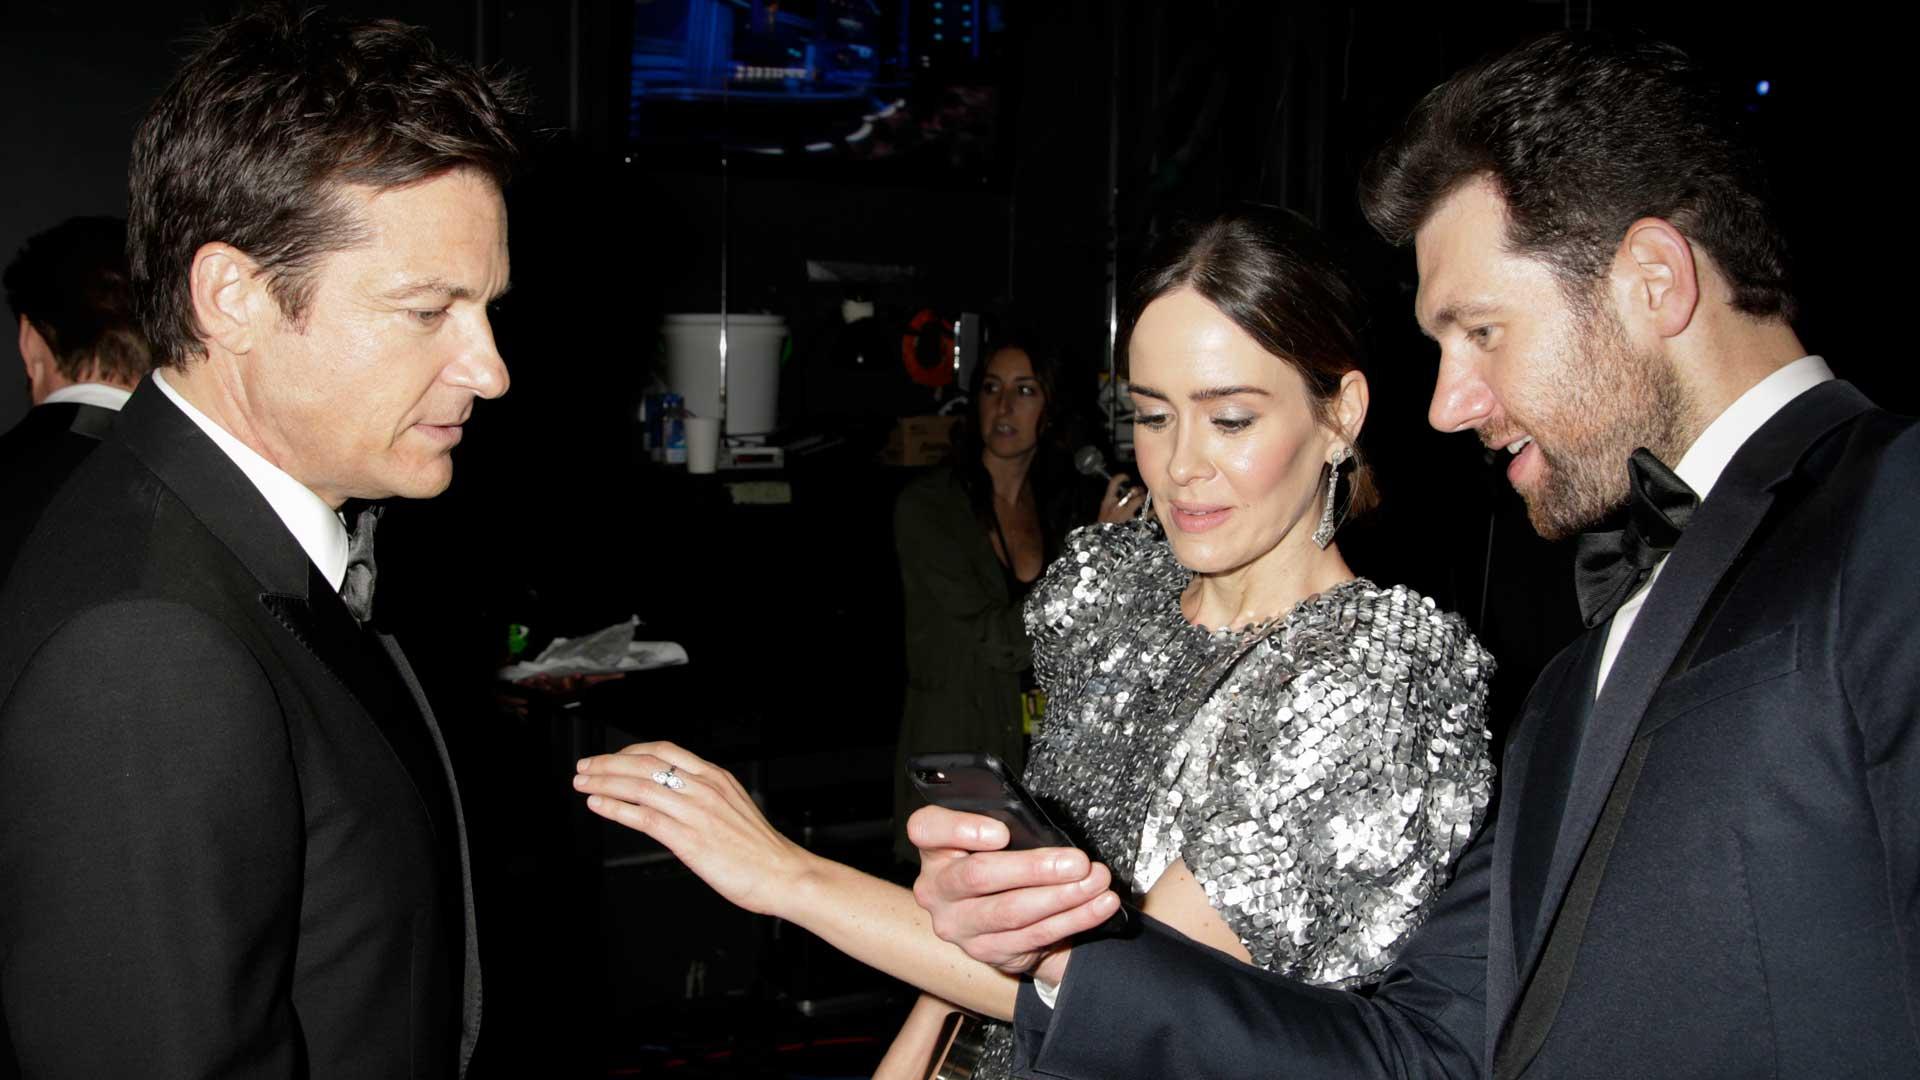 Billy Eichner shows Jason Bateman and Sarah Paulson something on his phone.